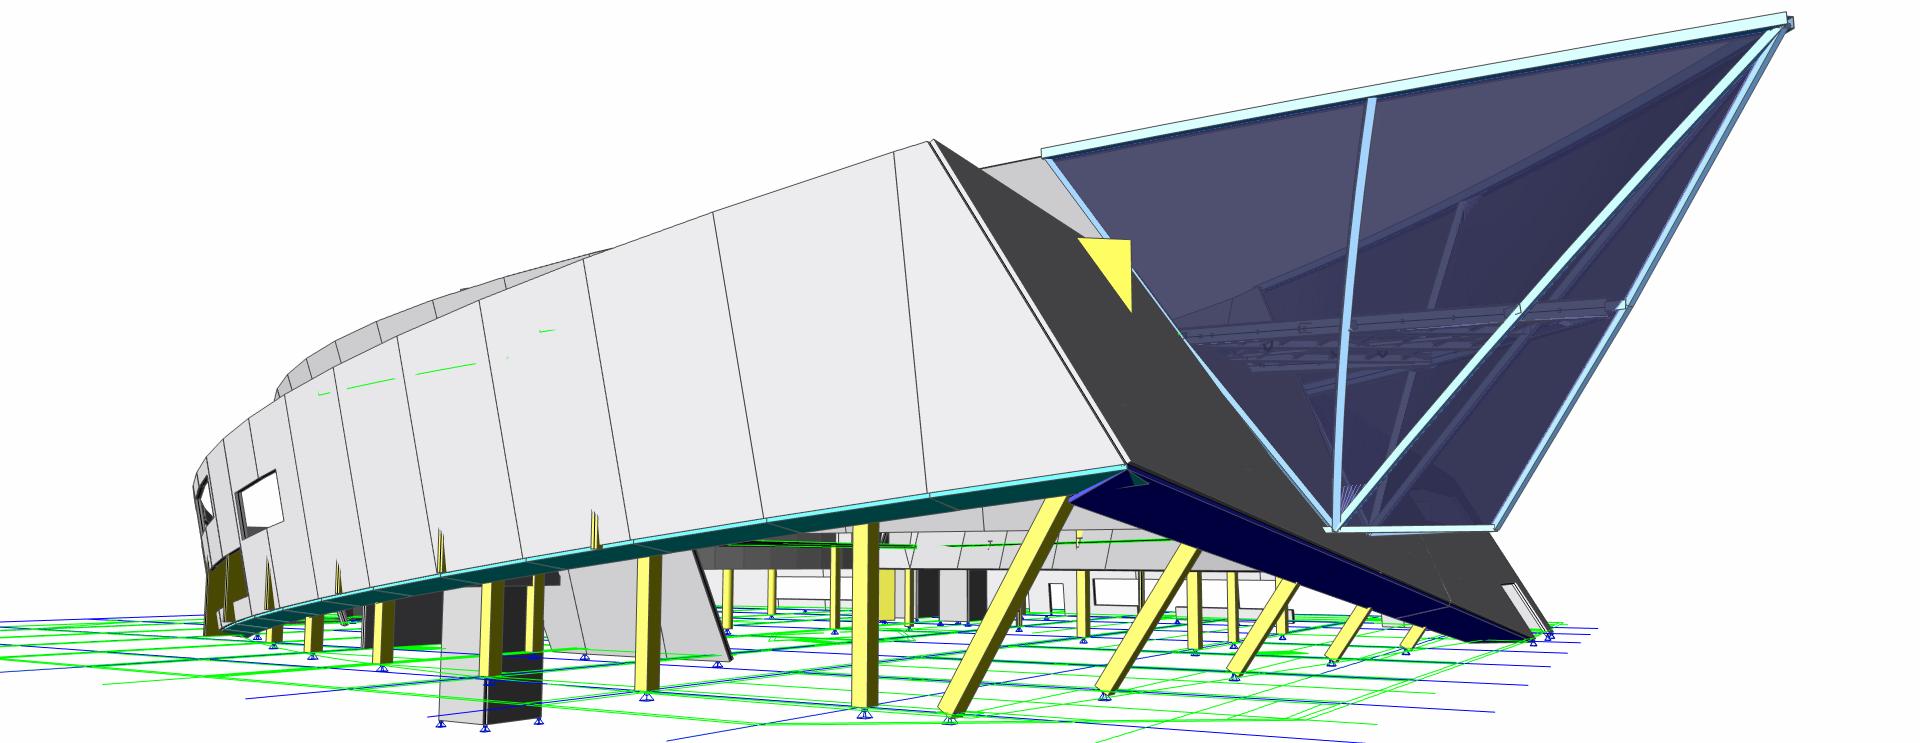 Composite beam design according to AISC 360 (esacbd 01 05)